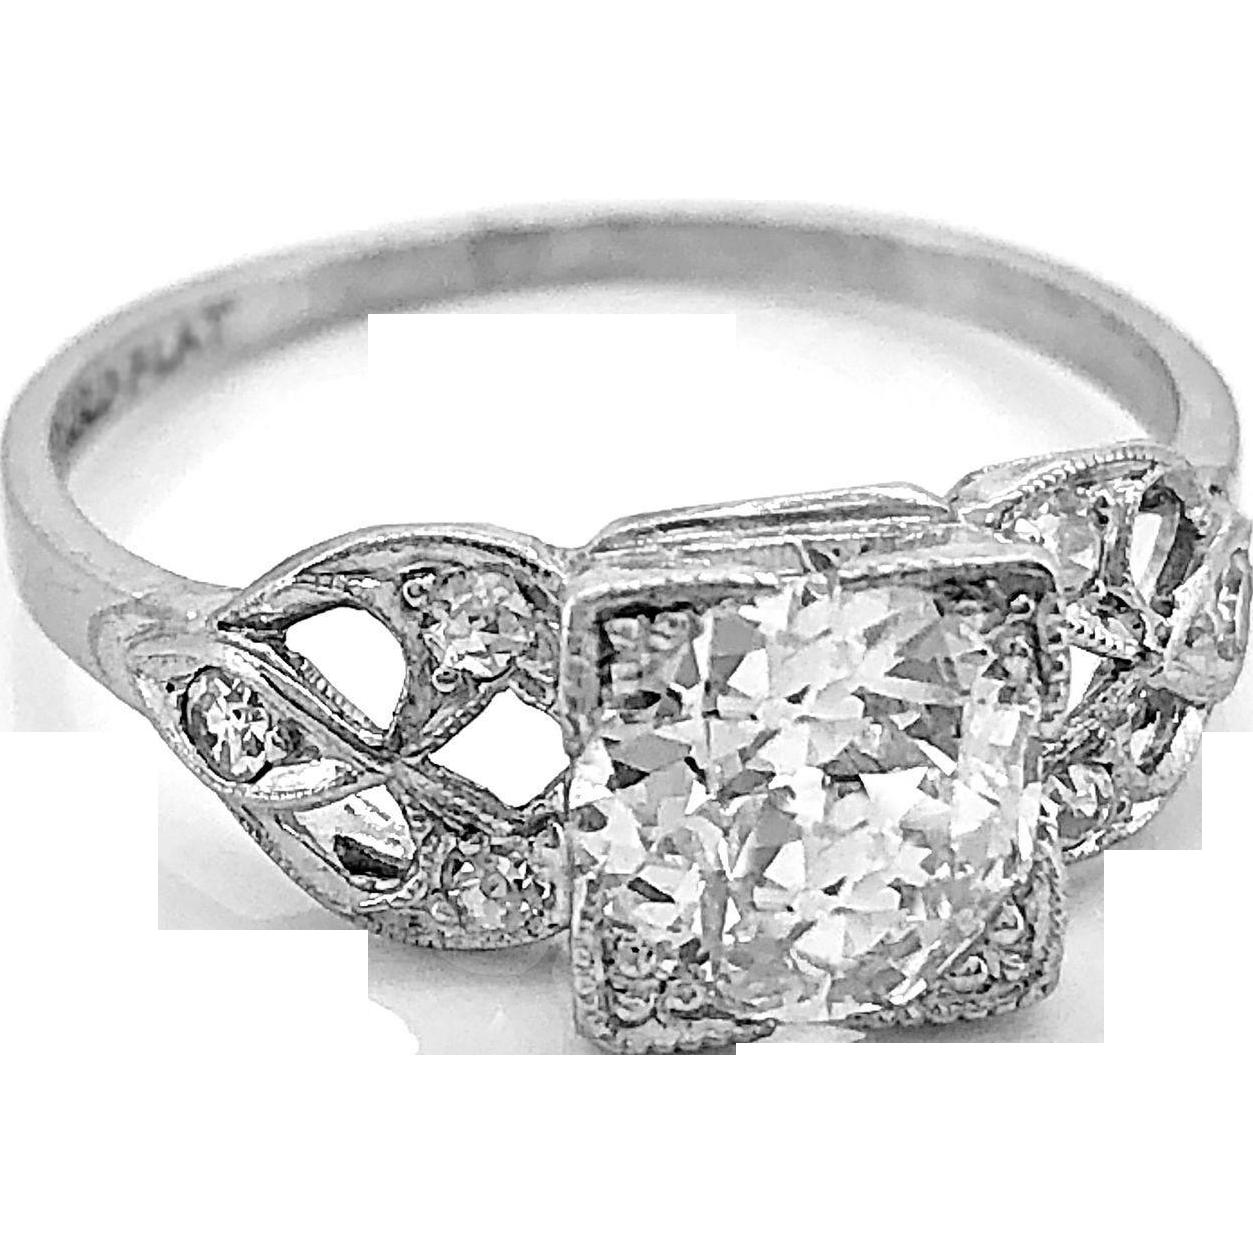 Antique Engagement Ring .75ct. Diamond & Platinum Art Deco - J35758